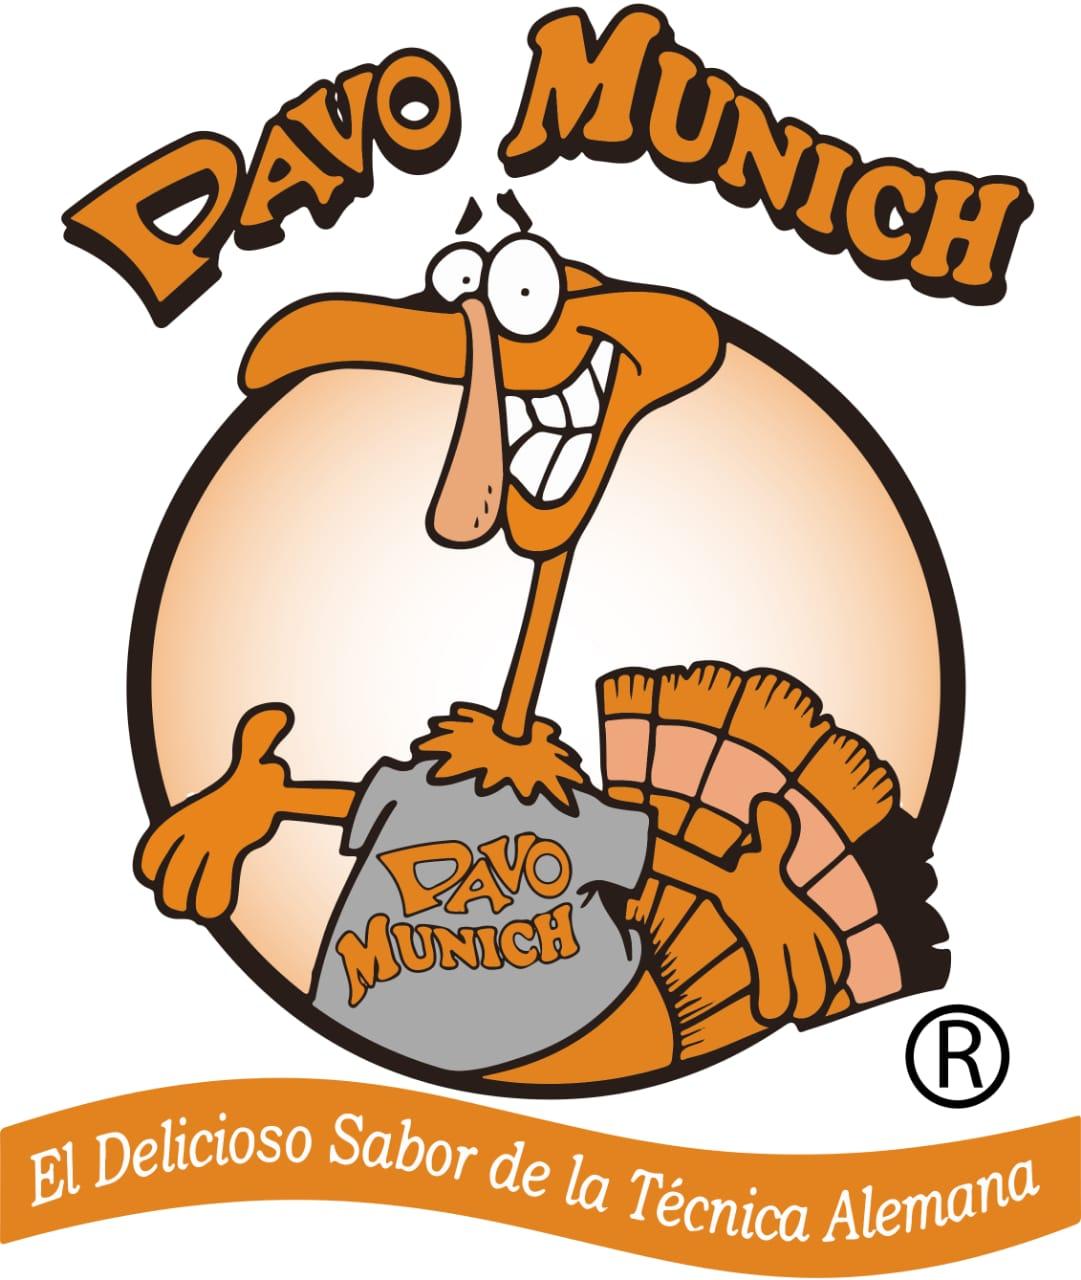 Pavo Munich